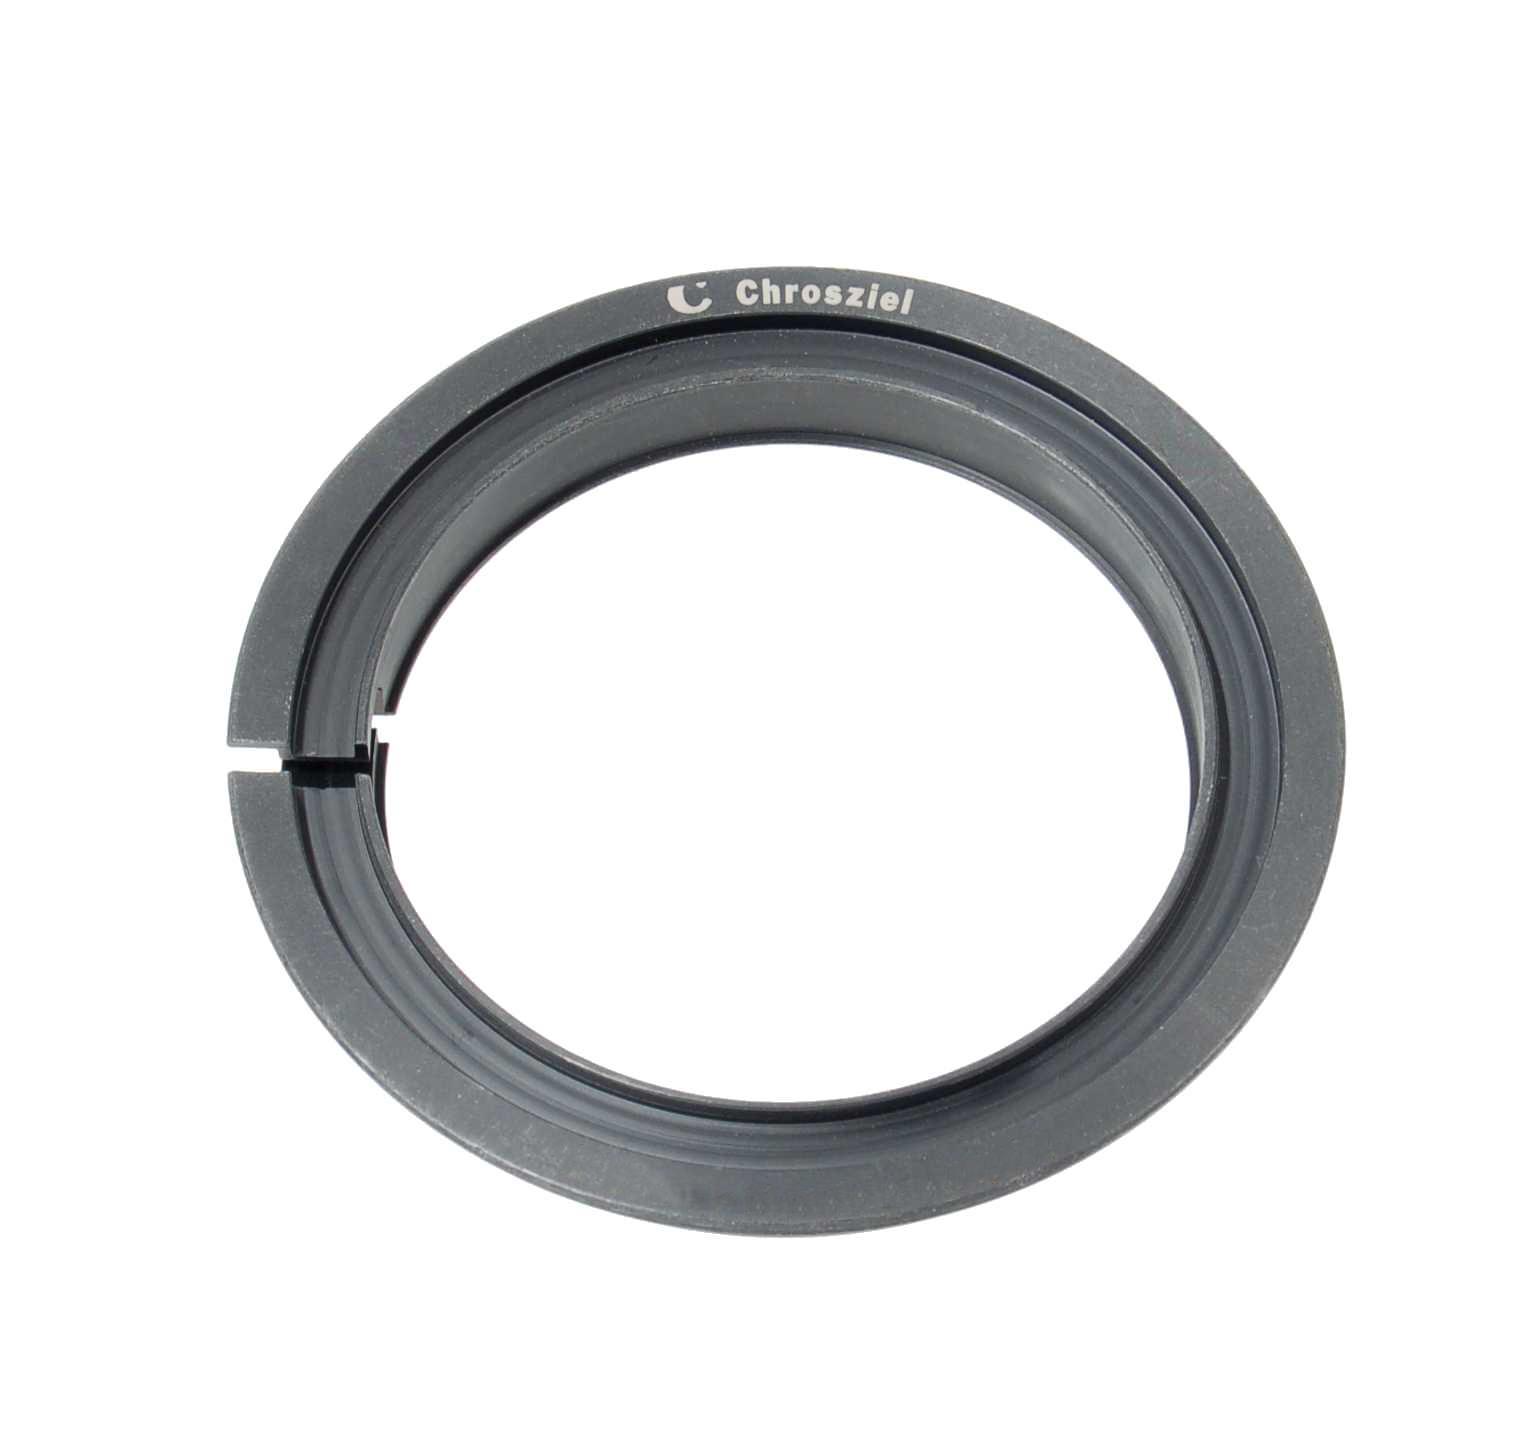 Step-down Ring Ø 104:90 mm